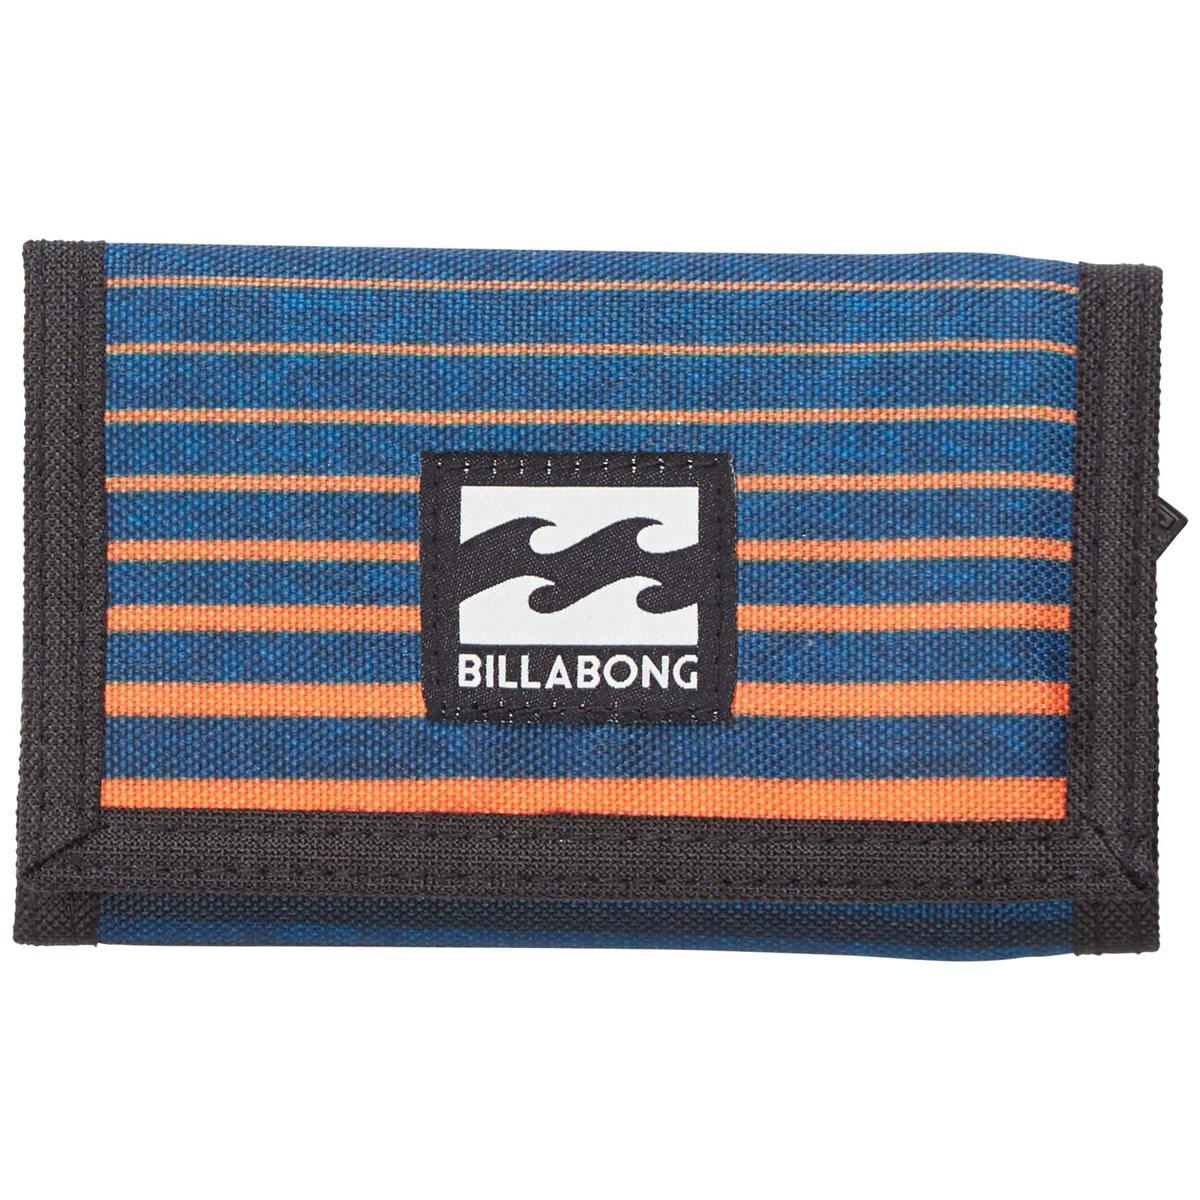 Кошелек дорожный Billabong Atom Wallet, цвет: оранжевый, синий, 1 л. Z5WL02Z5WL02Классический тряпичный кошелек с новыми расцветками от Billabong.